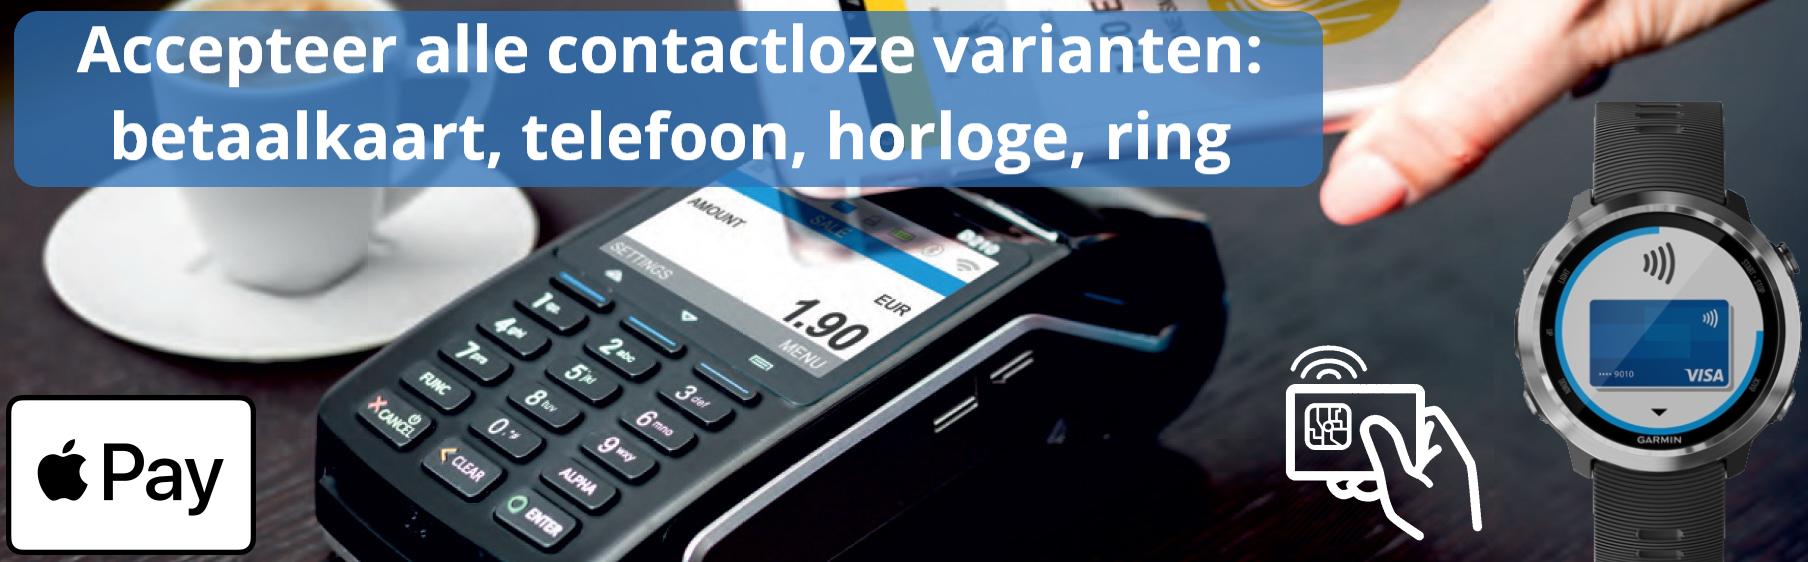 Contactloos NFC betalen op myPOS betaalterminal met PIN, creditcard en mobiel